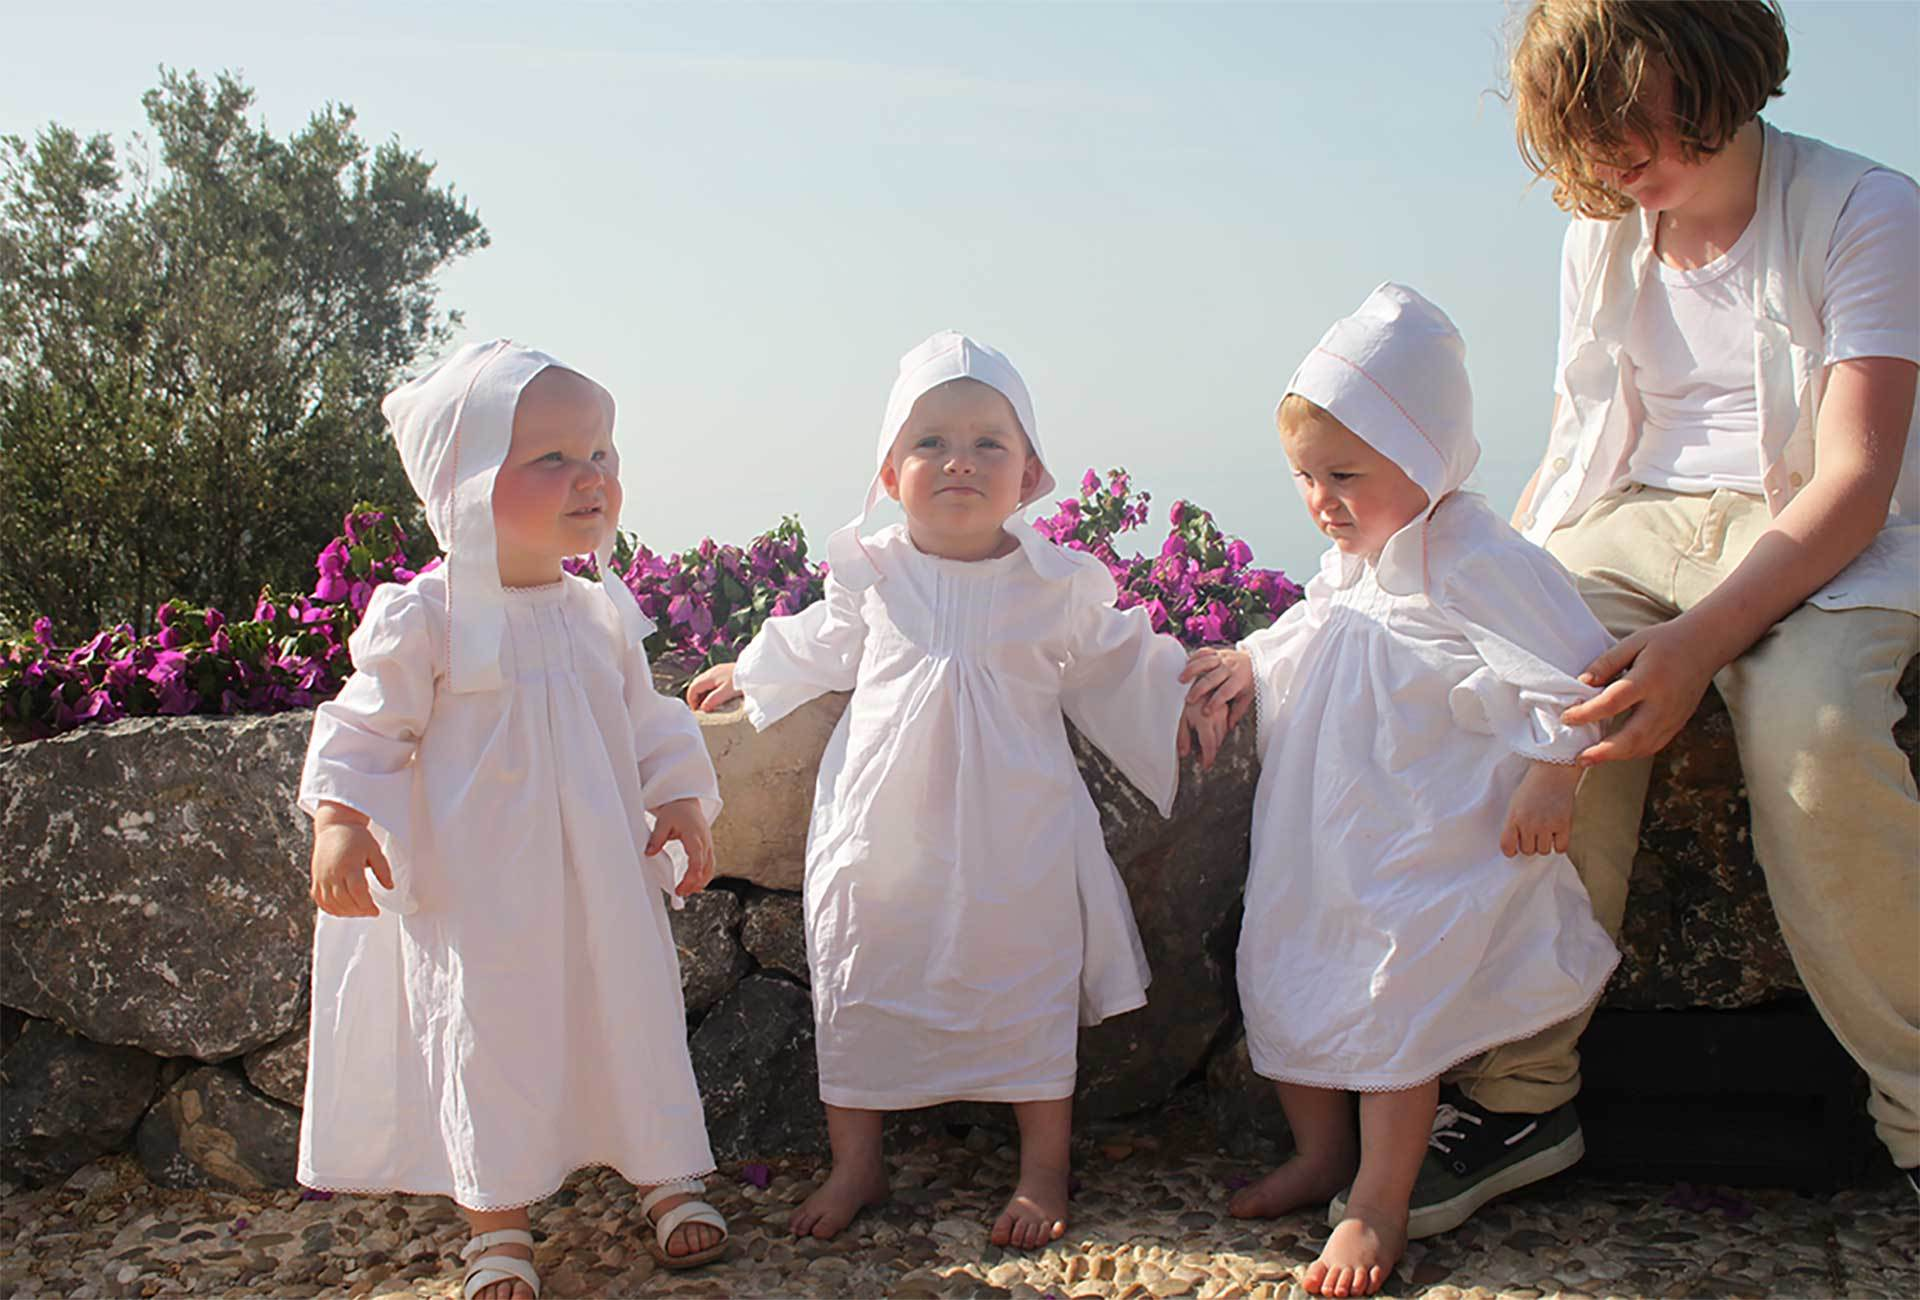 Children Wedding Outfit